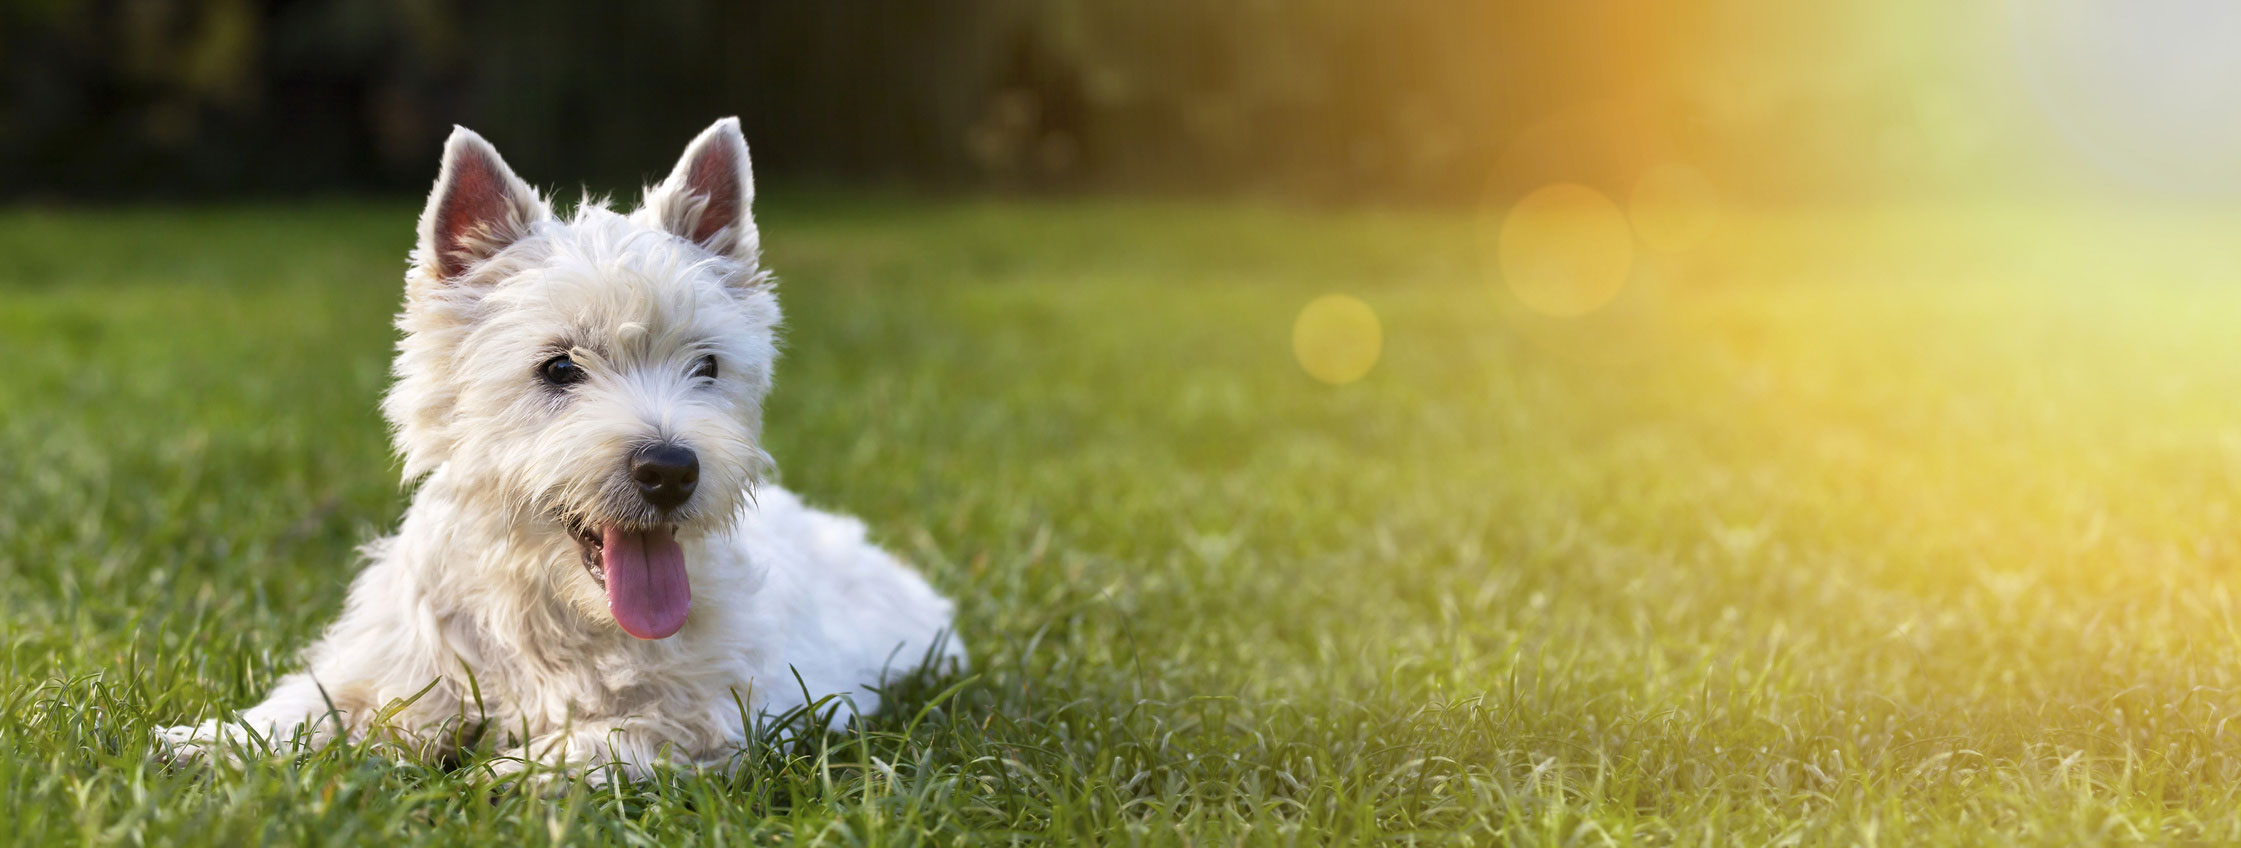 מצבי אלרגיות בכלבים: הפרעושים